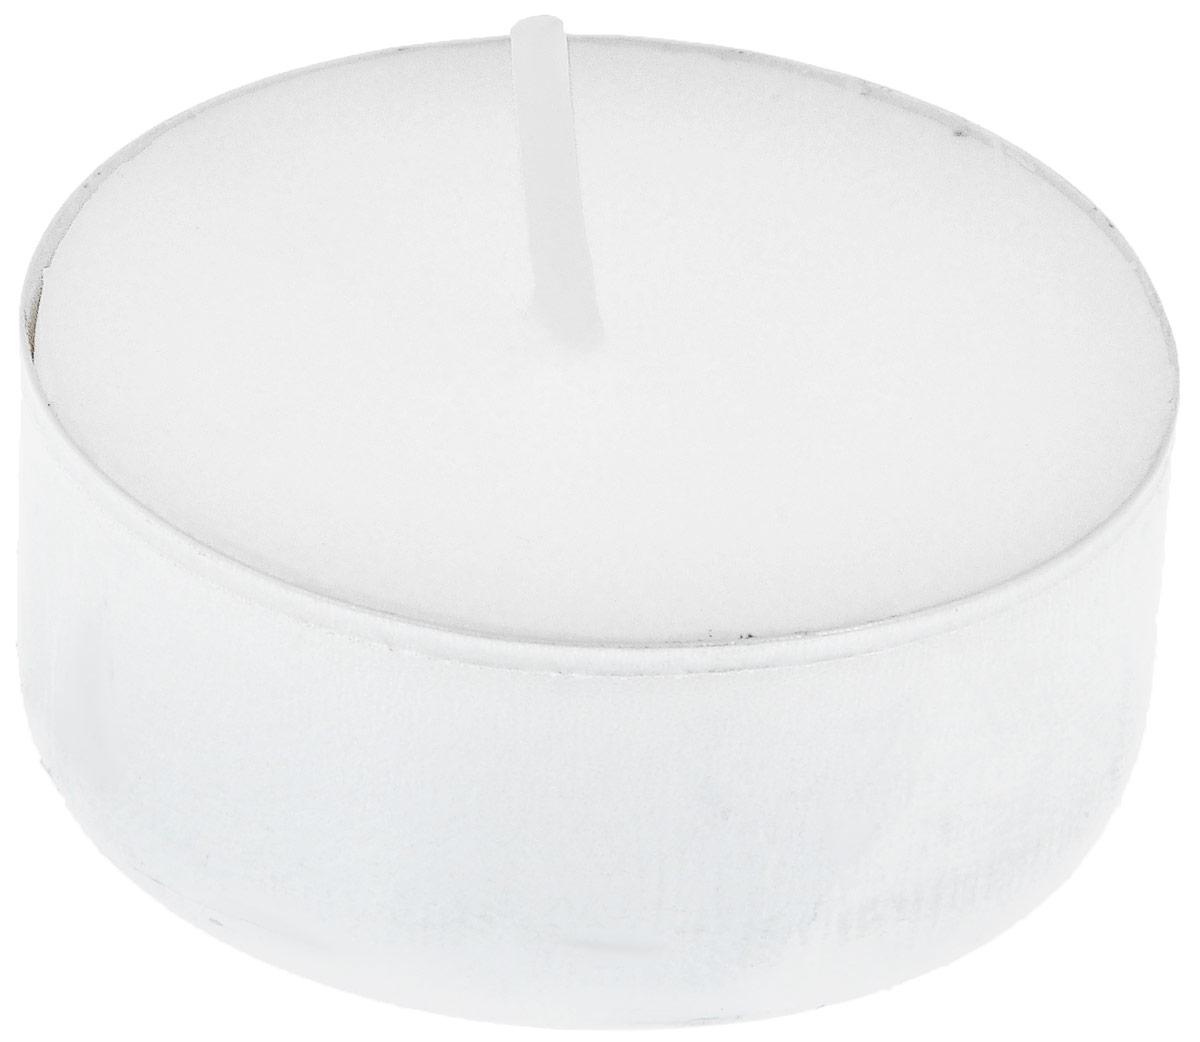 Набор свечей Duni, цвет: белый, диаметр 3,8 см, 30 шт105941Набор Duni состоит из 30 круглых чайных свечей без запаха, изготовленных из смеси парафина и стеарина. Duni - создатели атмосферы вдохновения, сюрпризов и праздников для вас и ваших детей! Используя современные инновации, высококачественные материалы, оригинальный дизайн, свечи делают вашу трапезу незабываемым и волшебным праздником. Такой набор украсит интерьер вашего дома или офиса и наполнит его атмосферу теплом и уютом. Диаметр свечи: 3,8 см. Высота свечи: 1,5 см.